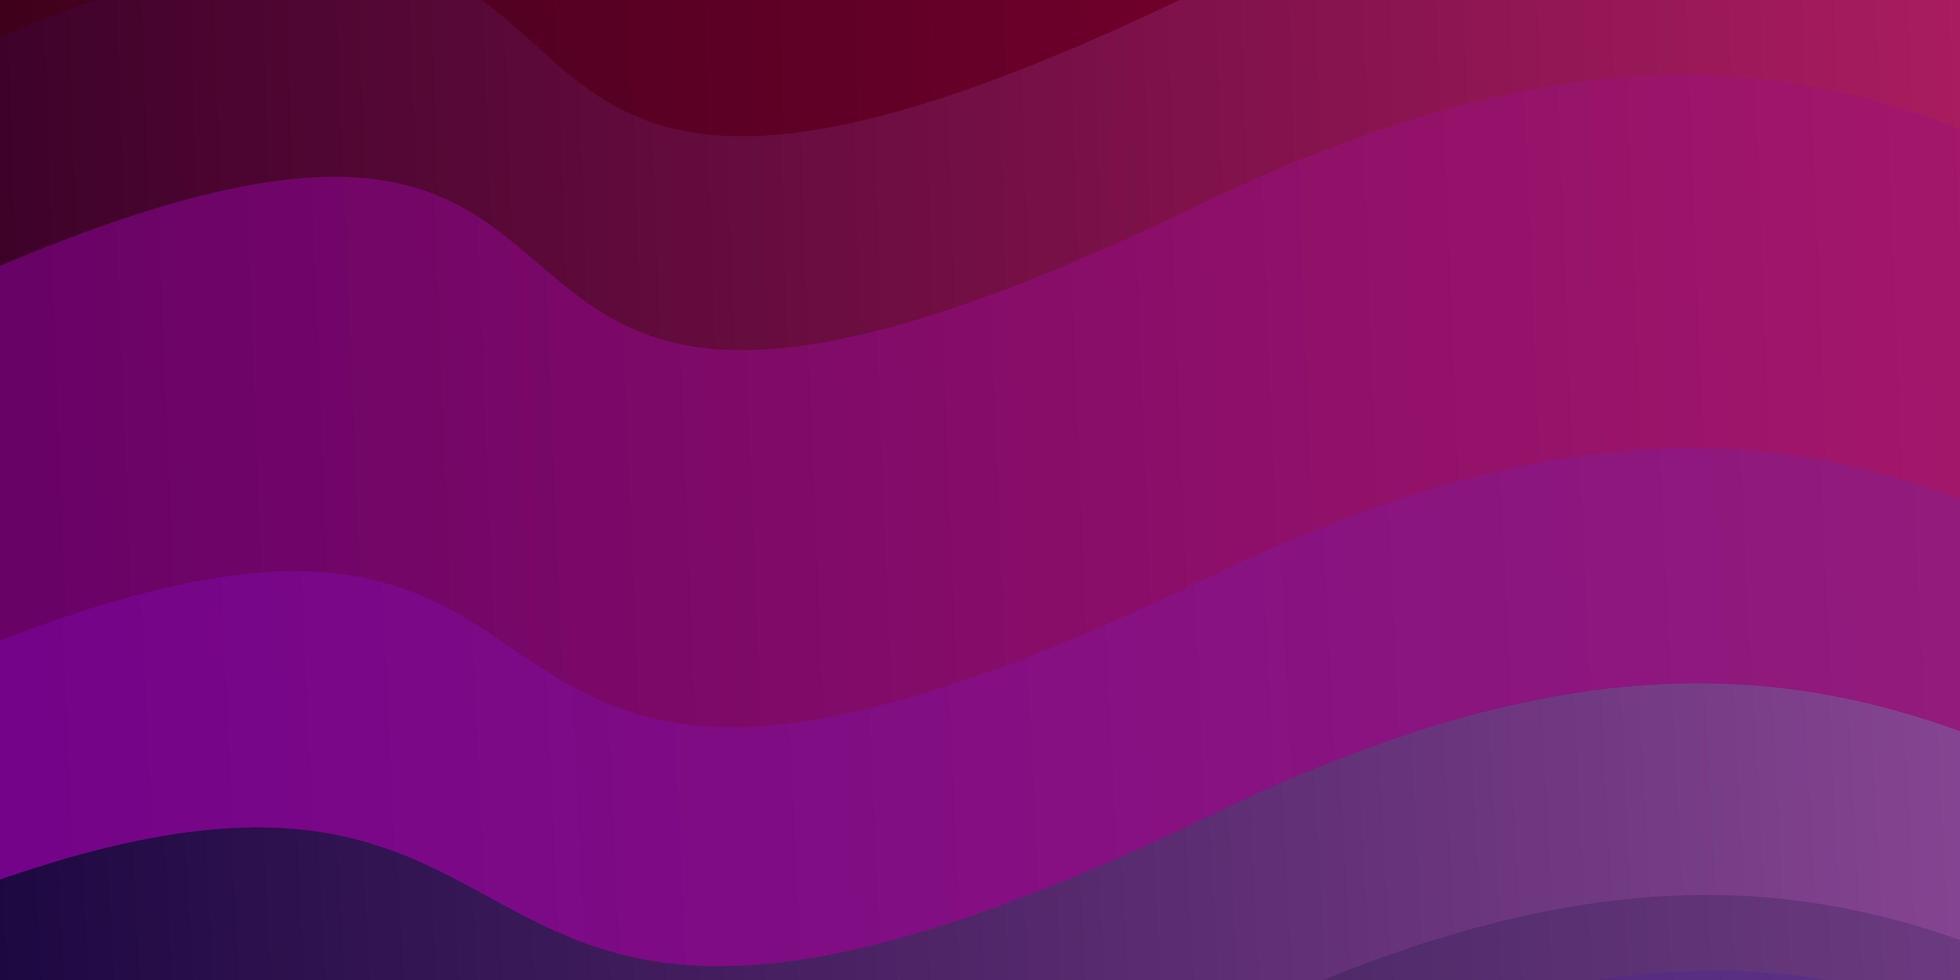 modèle vectoriel violet foncé, rose avec des lignes courbes.